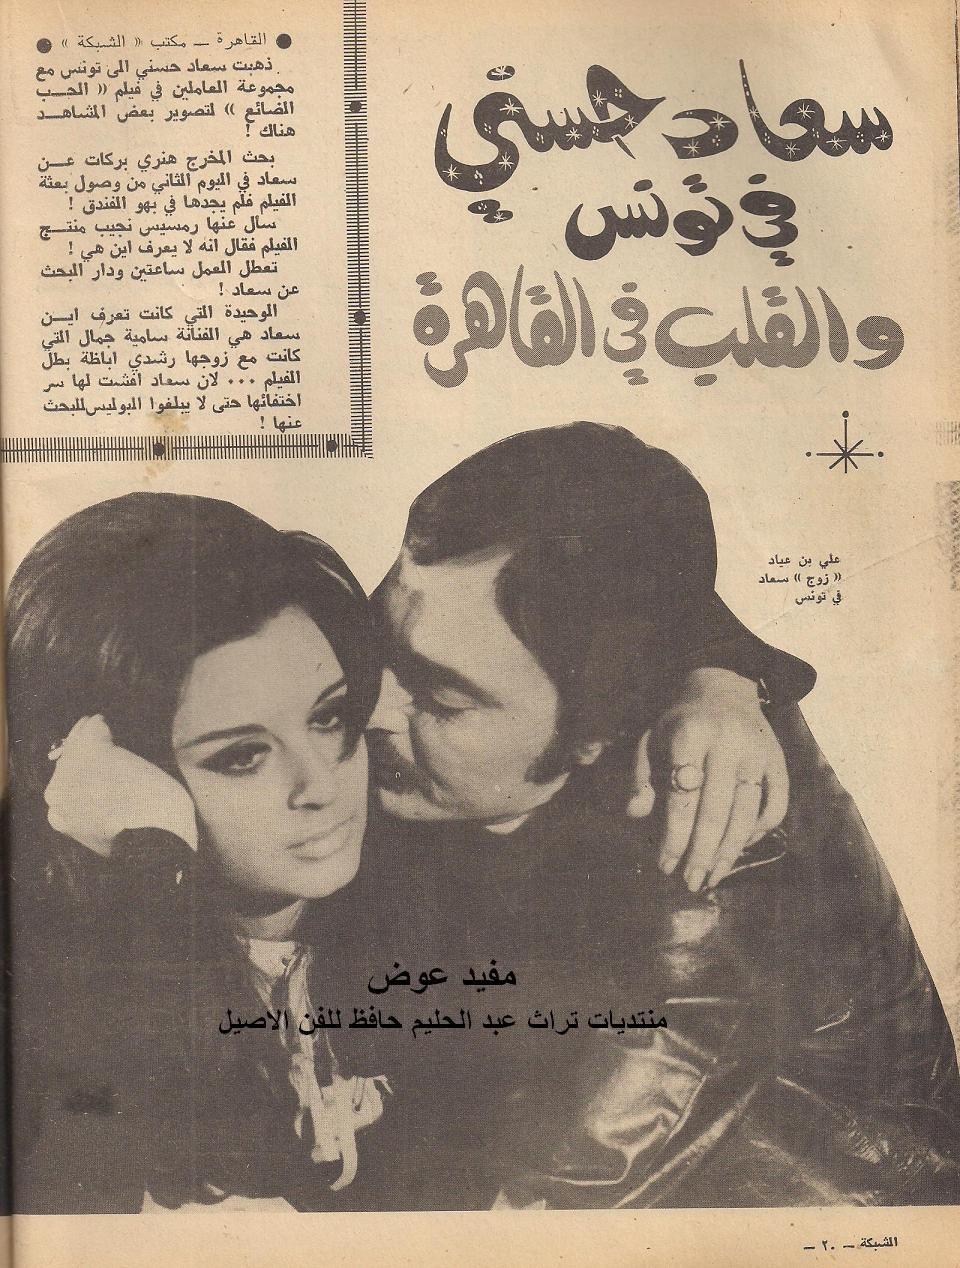 مقال - مقال صحفي : سعاد حسني في تونس والقلب في القاهرة 1970 م 1136